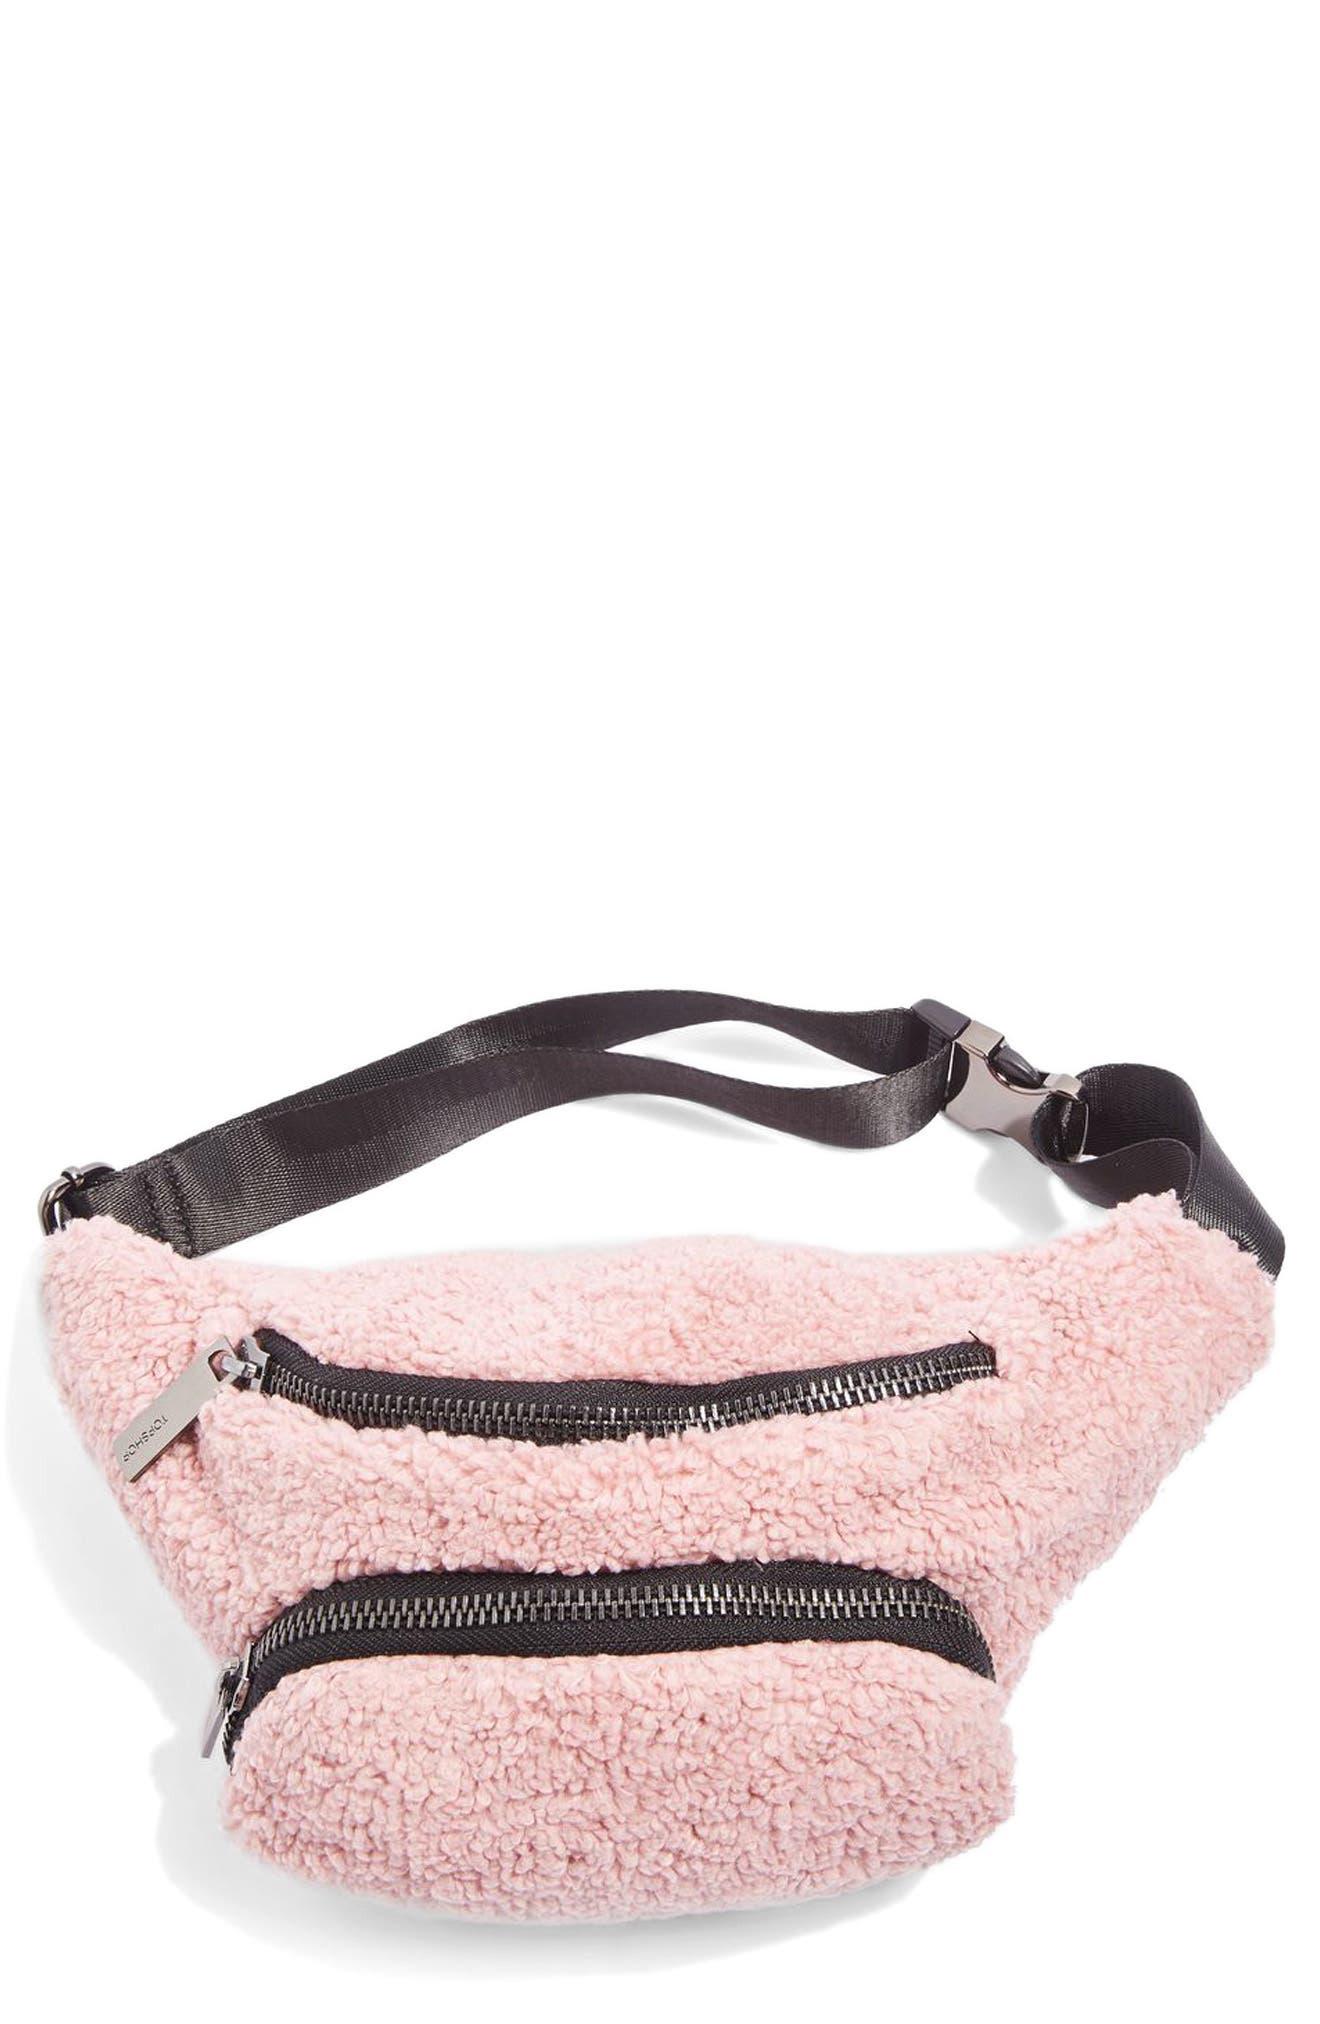 Alternate Image 1 Selected - Topshop Benny Borg Belt Bag